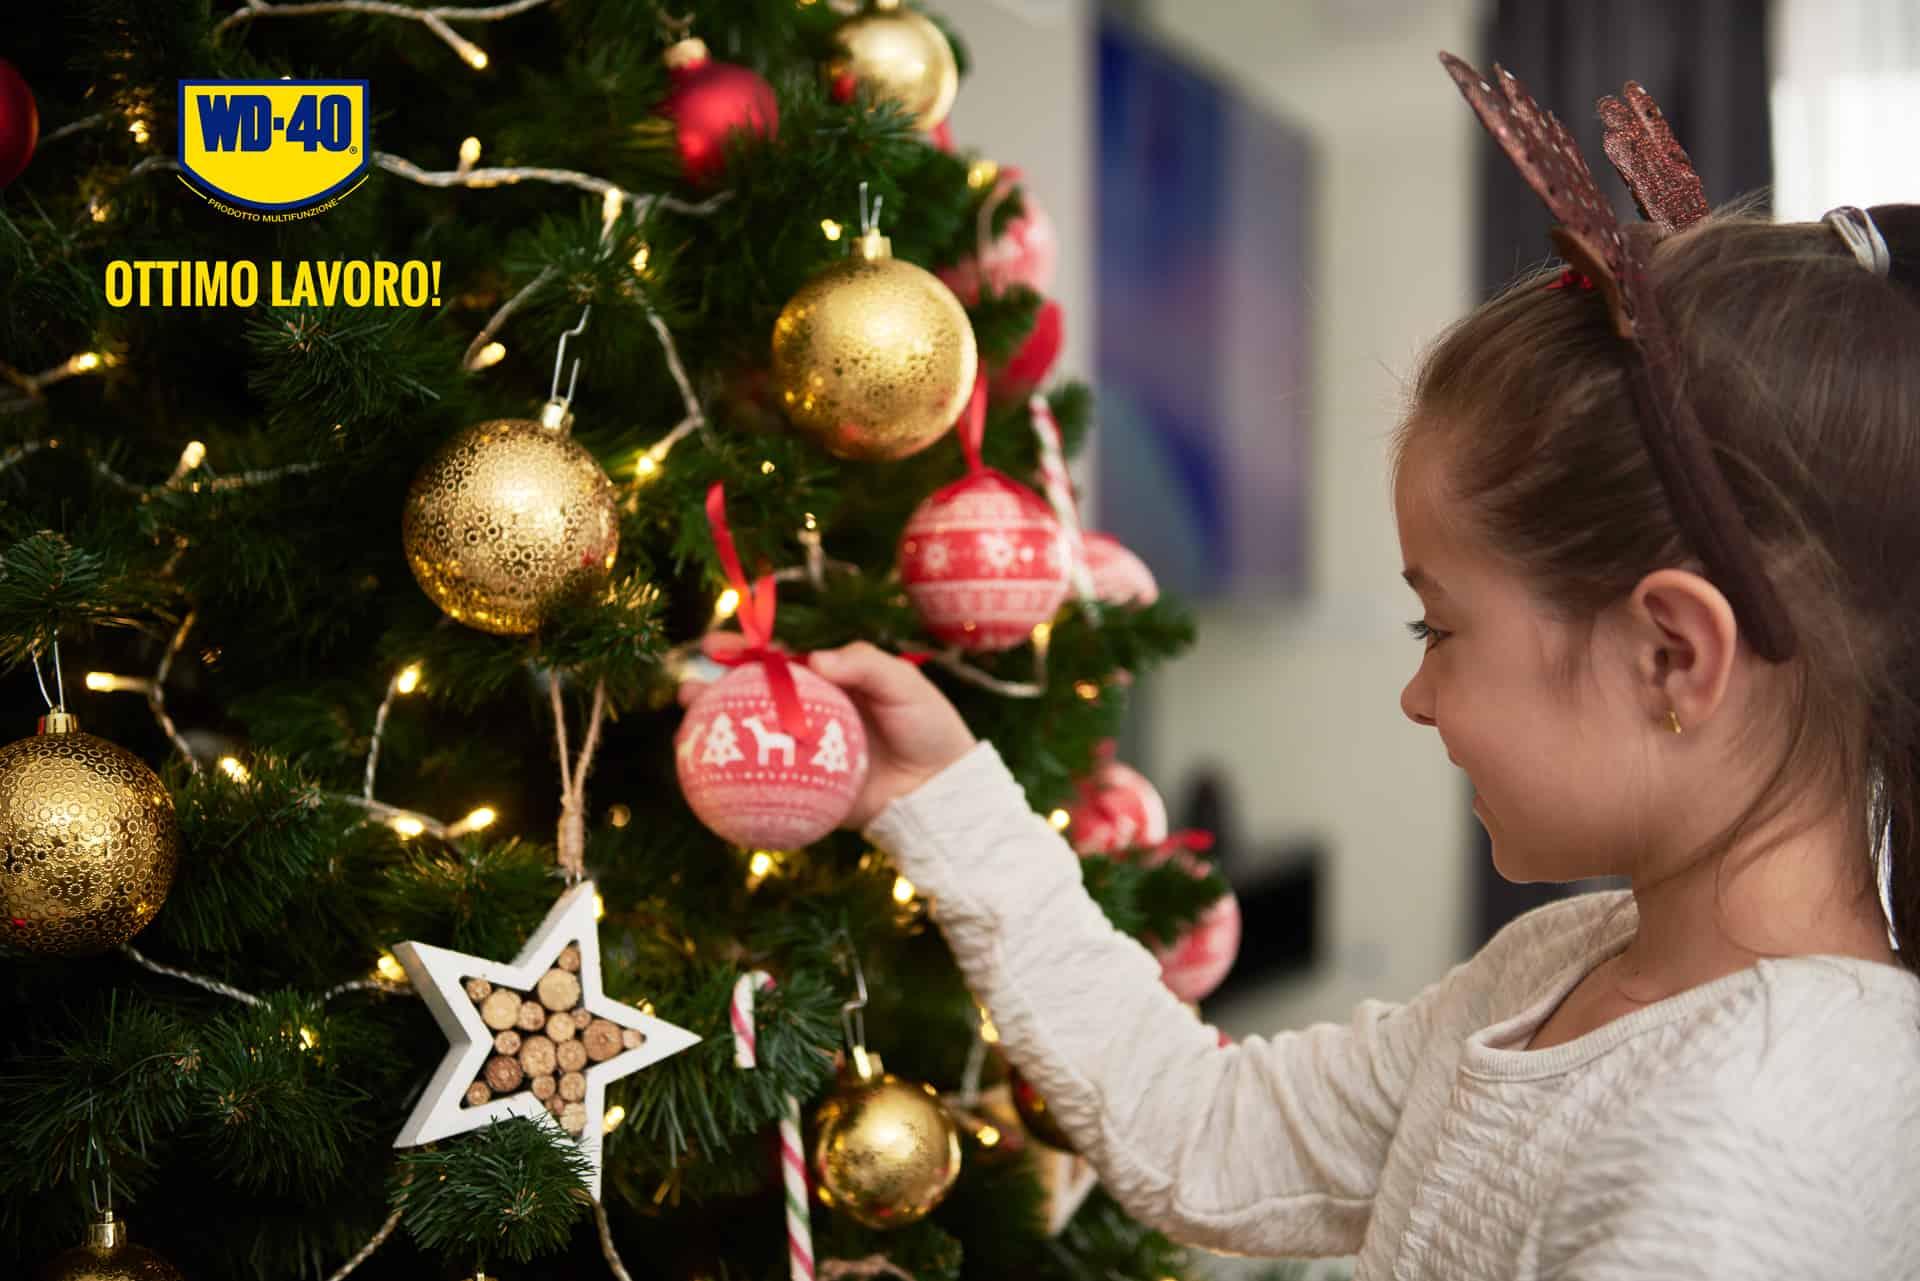 Palline Di Natale.Palline Di Natale Fai Da Te Alcune Idee Originali Wd 40 Italia